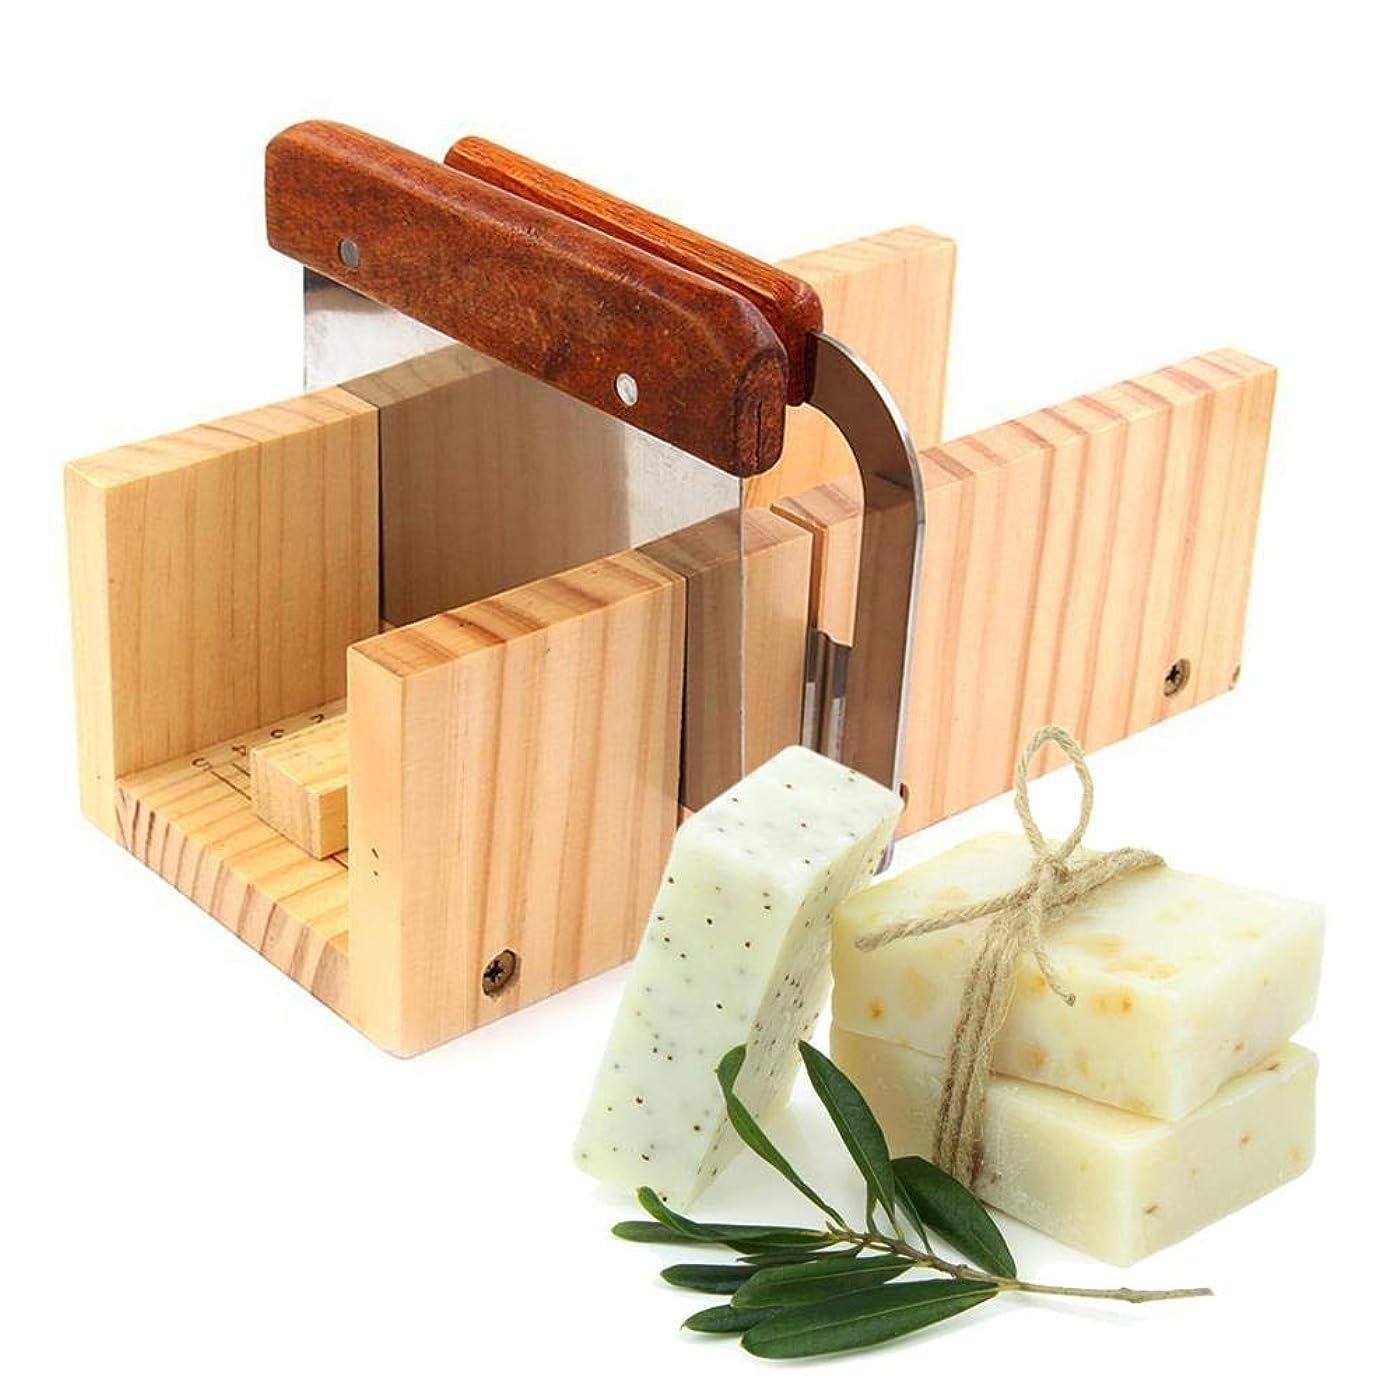 憤る外観スカウトRagem ソープカッター 手作り石鹸金型 木製 ローフカッターボックス 調整可能 多機能ソープ切削工具 ストレートプレーニングツール